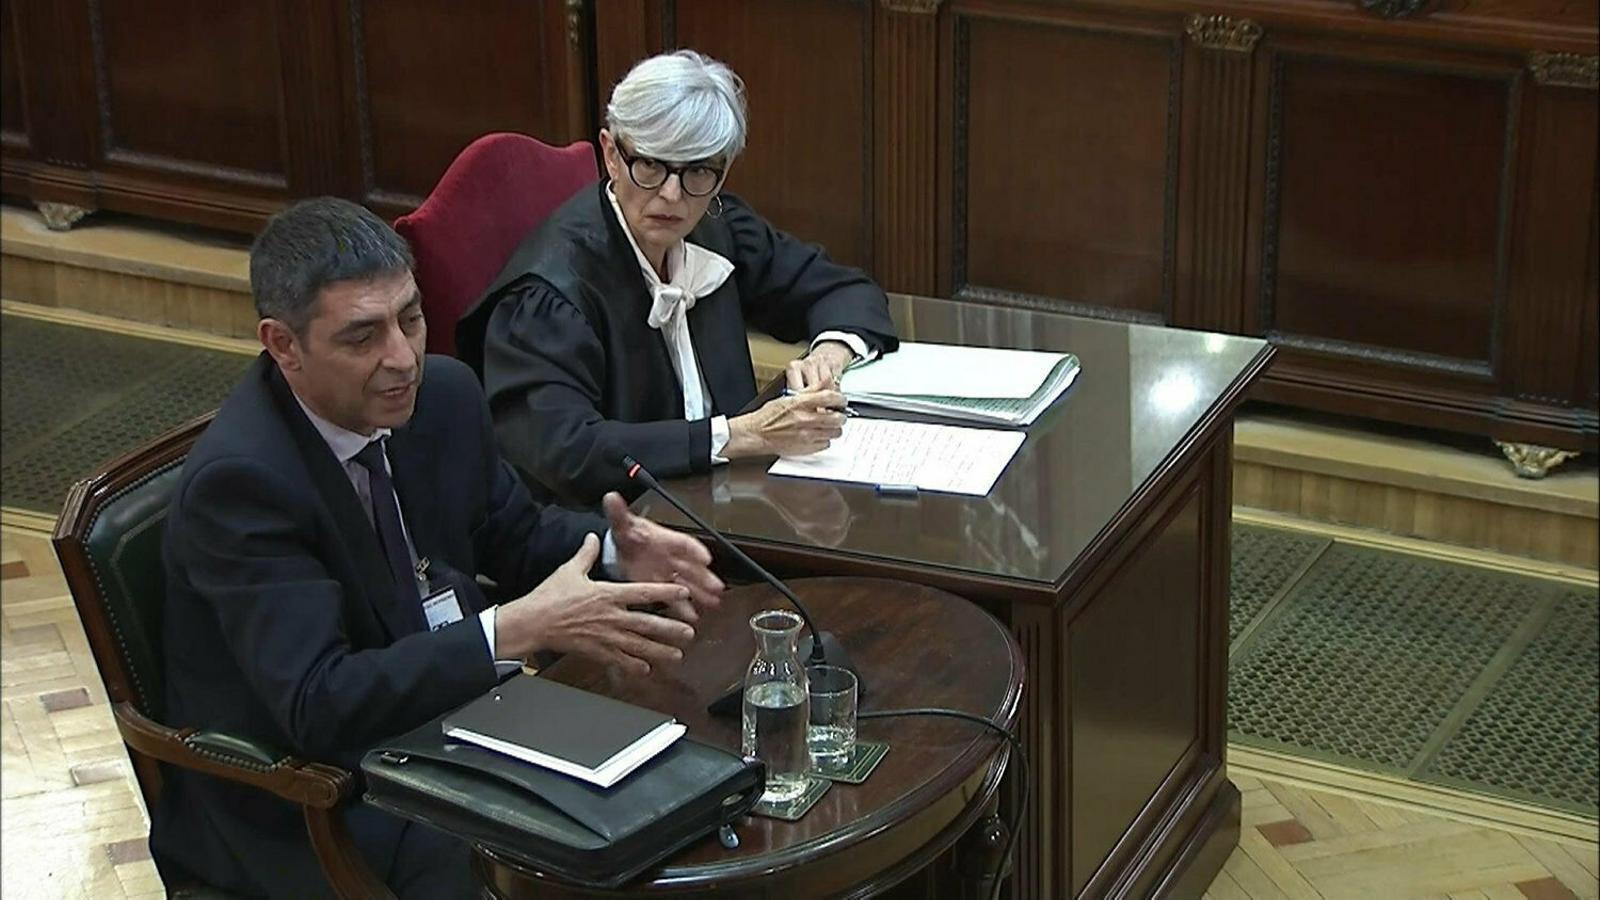 Marchena fa al major Trapero l'única pregunta al llarg del judici